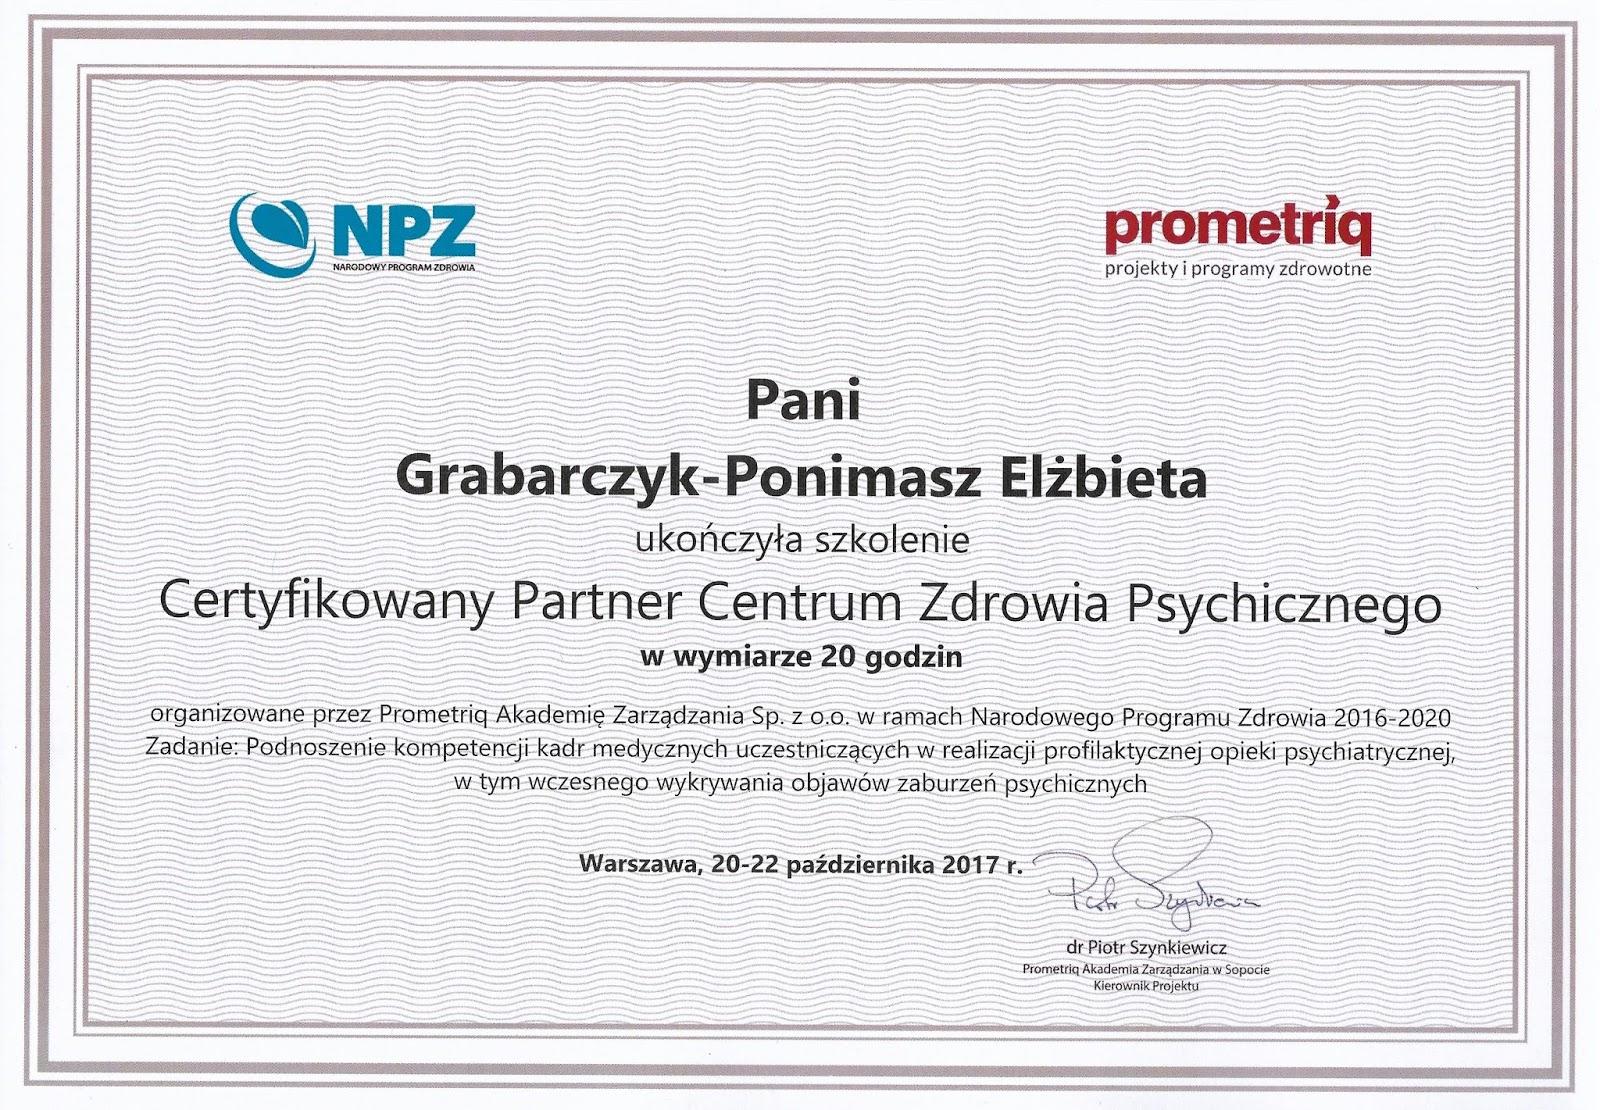 Certyfikowany Partner Centrum Zdrowia Psychicznego - dobry psycholog